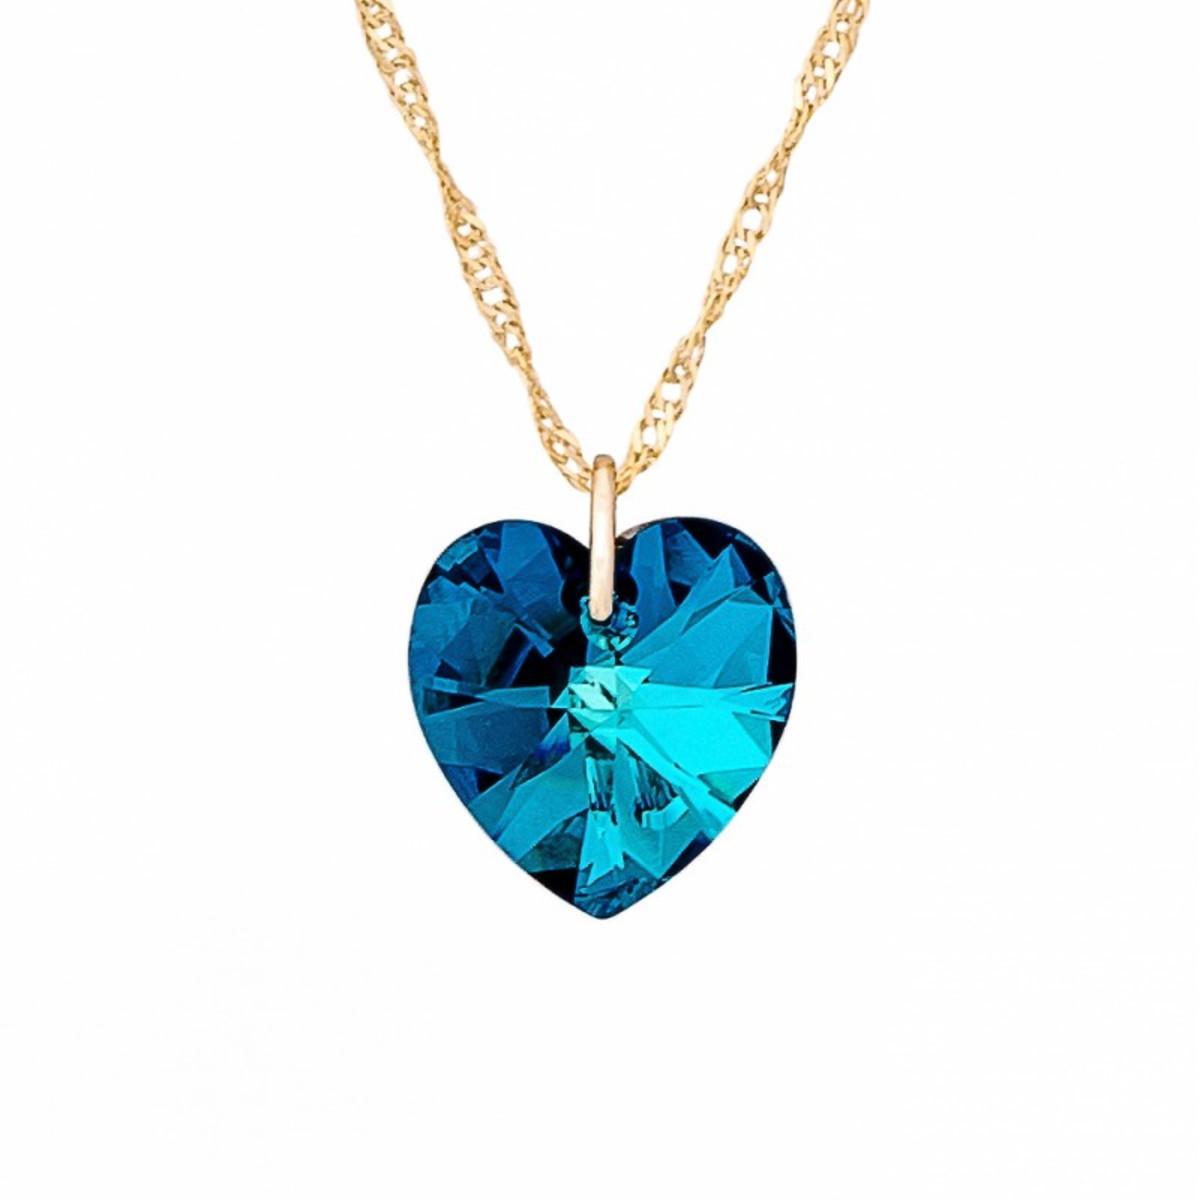 58d74db8a9944 Gargantilha Coração Bermuda Blue com Cristal Swarovski 10mm no Elo7 ...